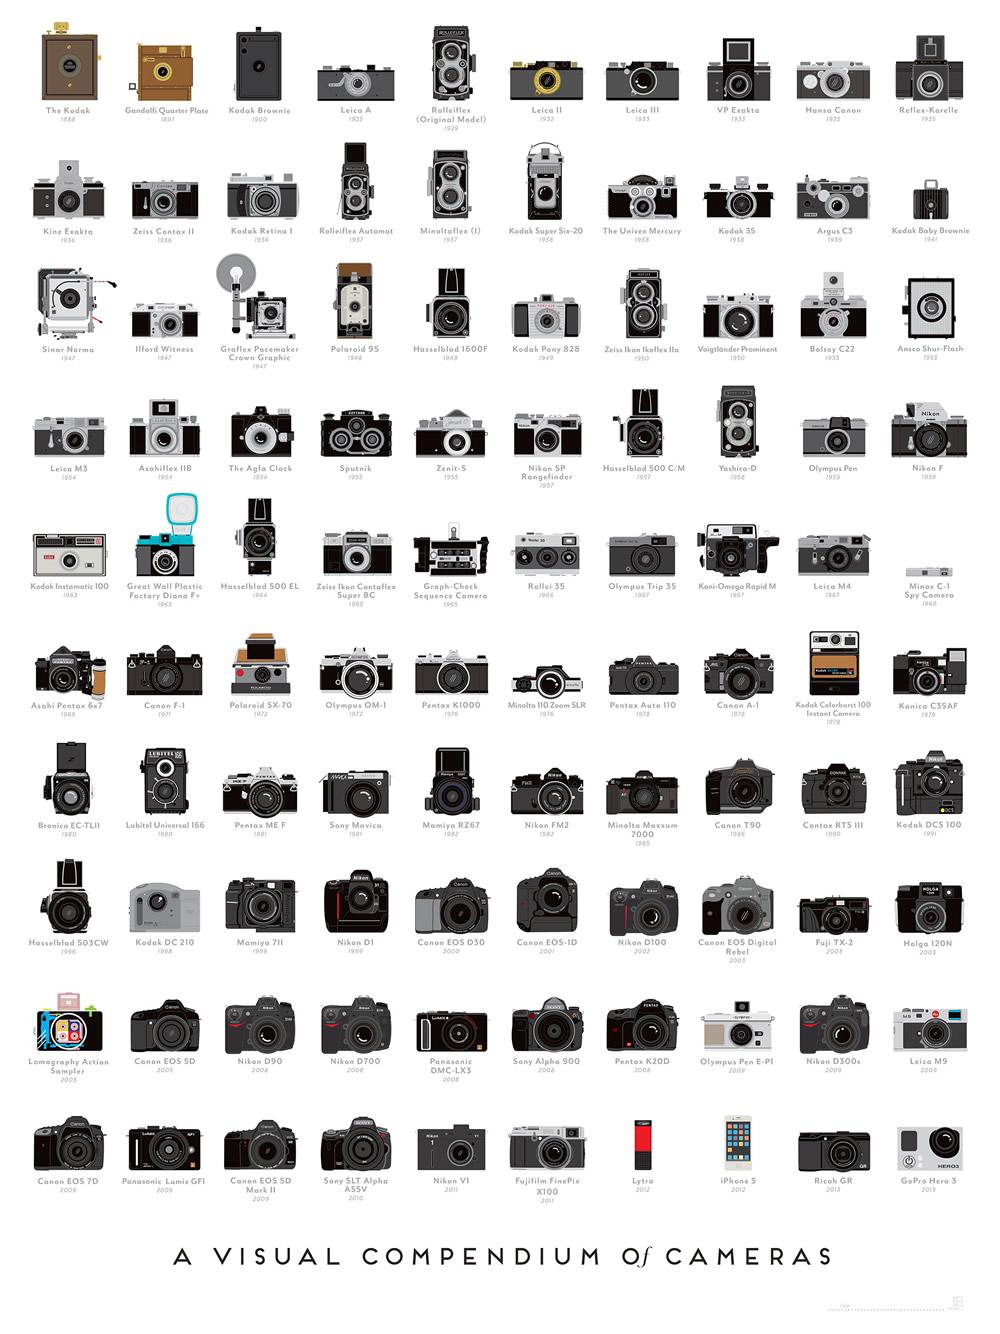 popchartlab_a_visual_compendium_of_cameras_1